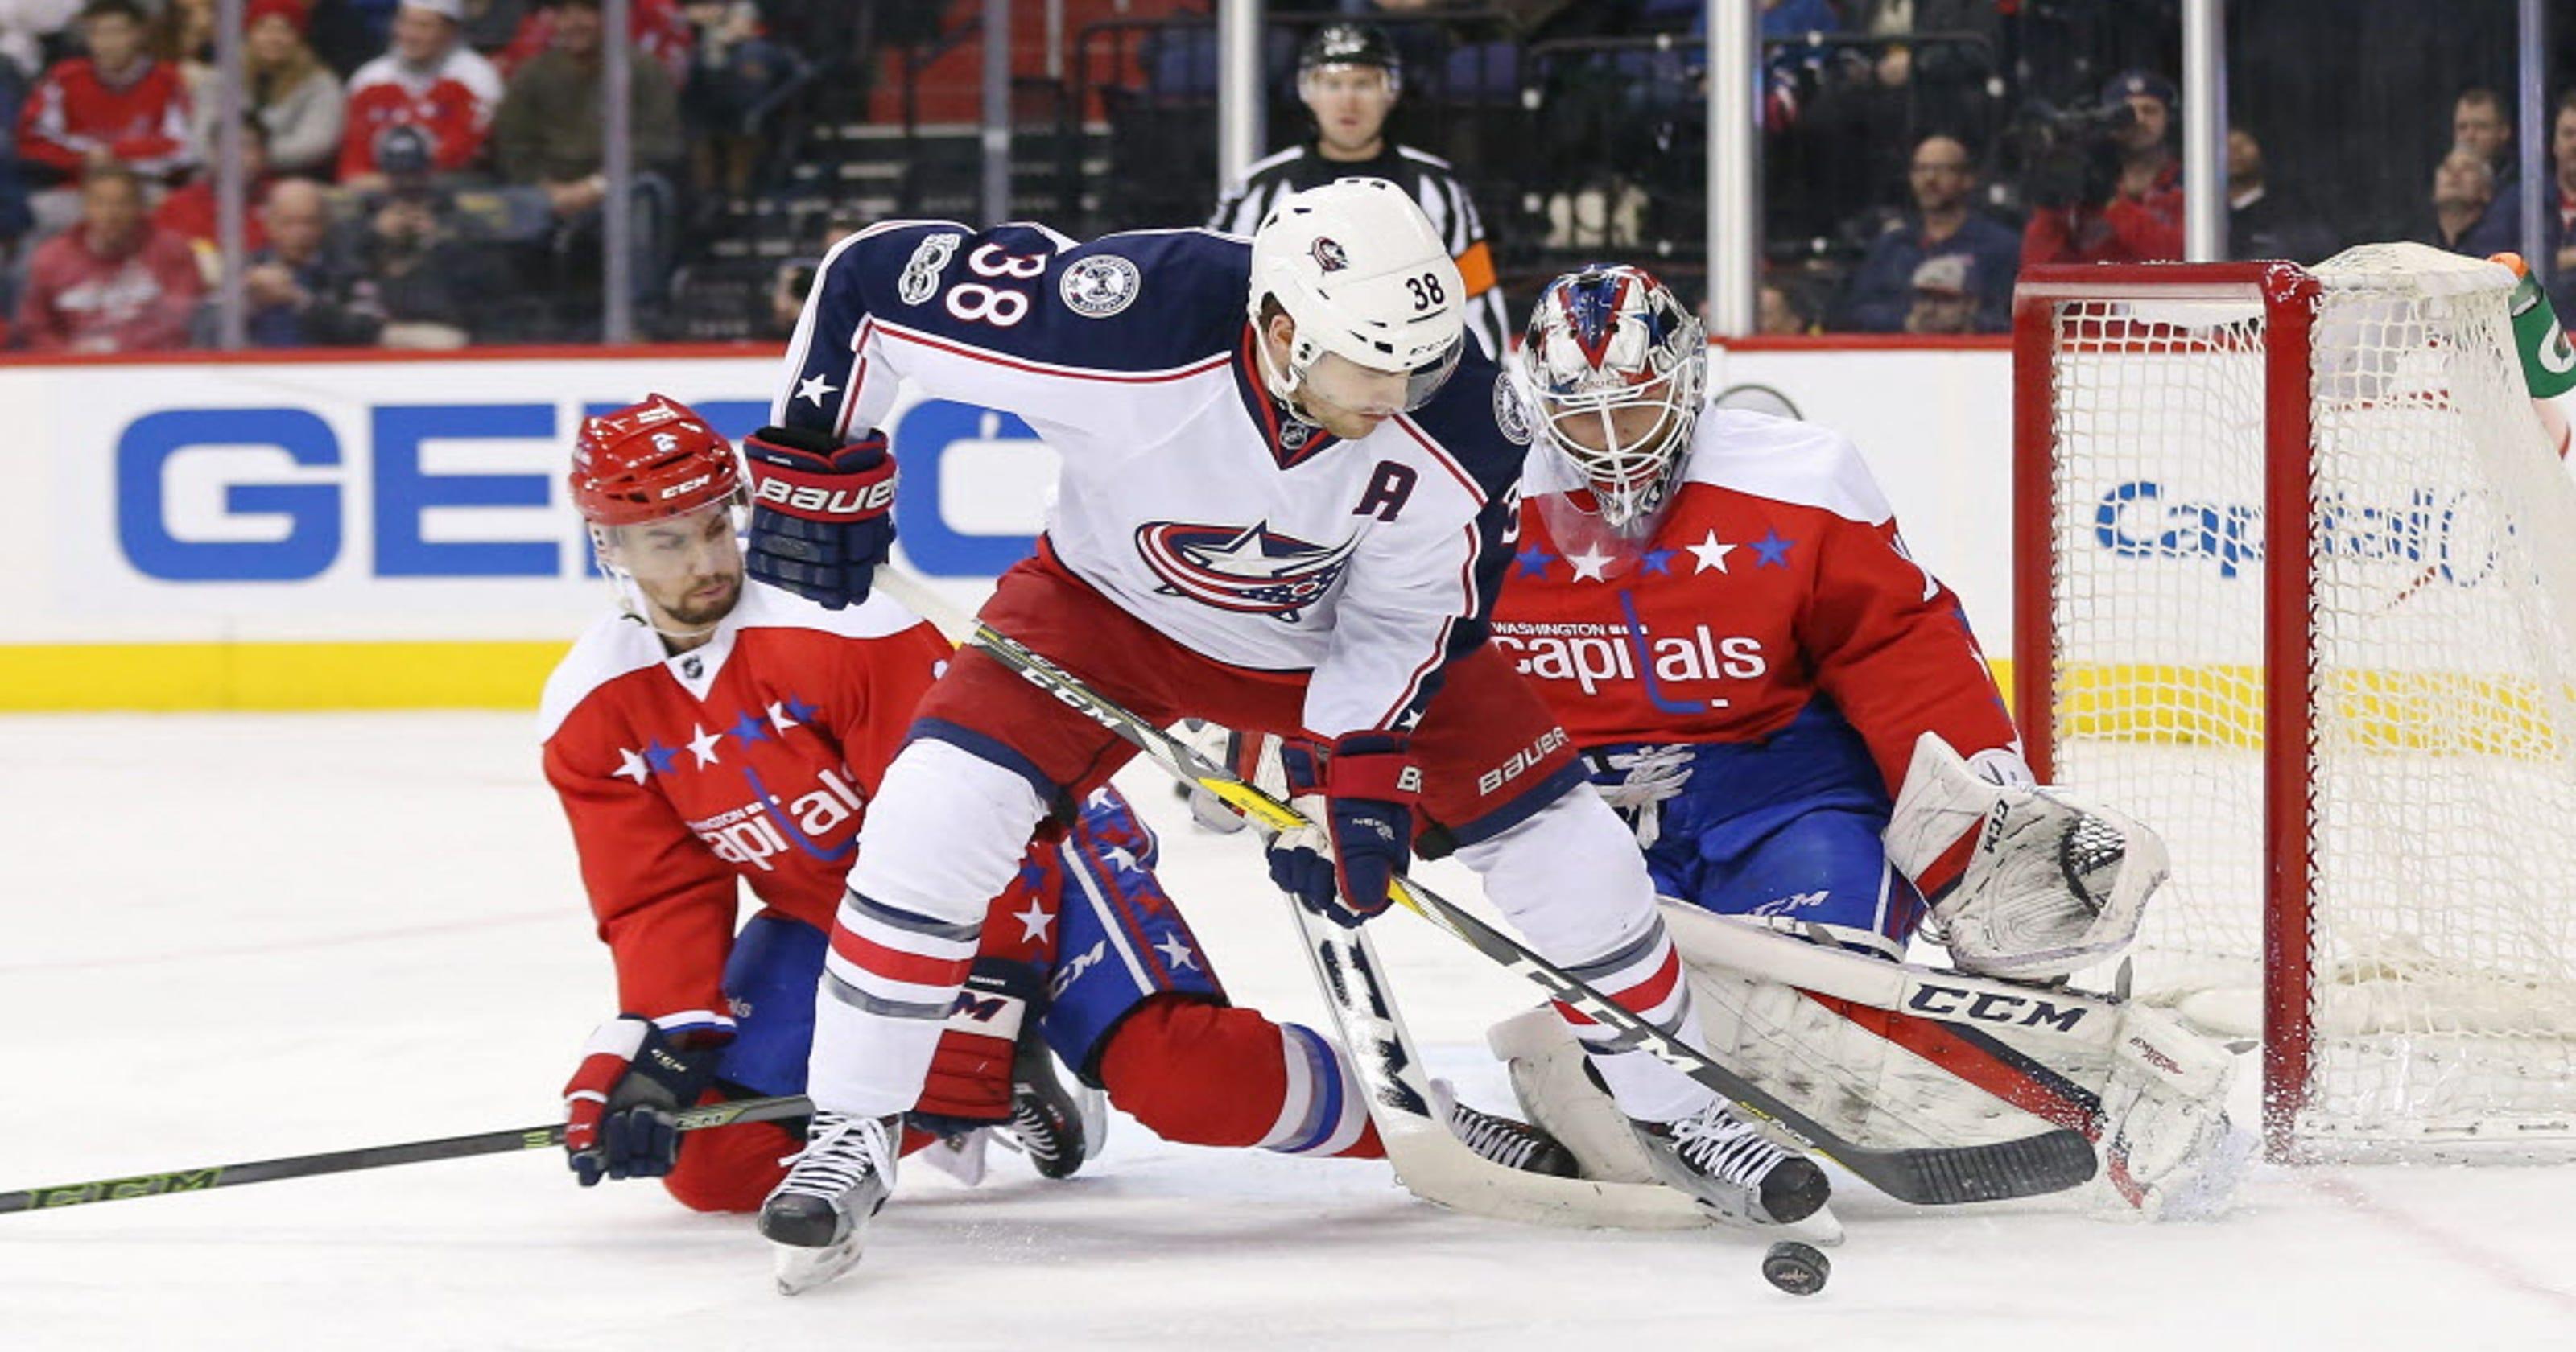 6be4e35c325 Capitals shut down Blue Jackets' winning streak just shy of NHL record